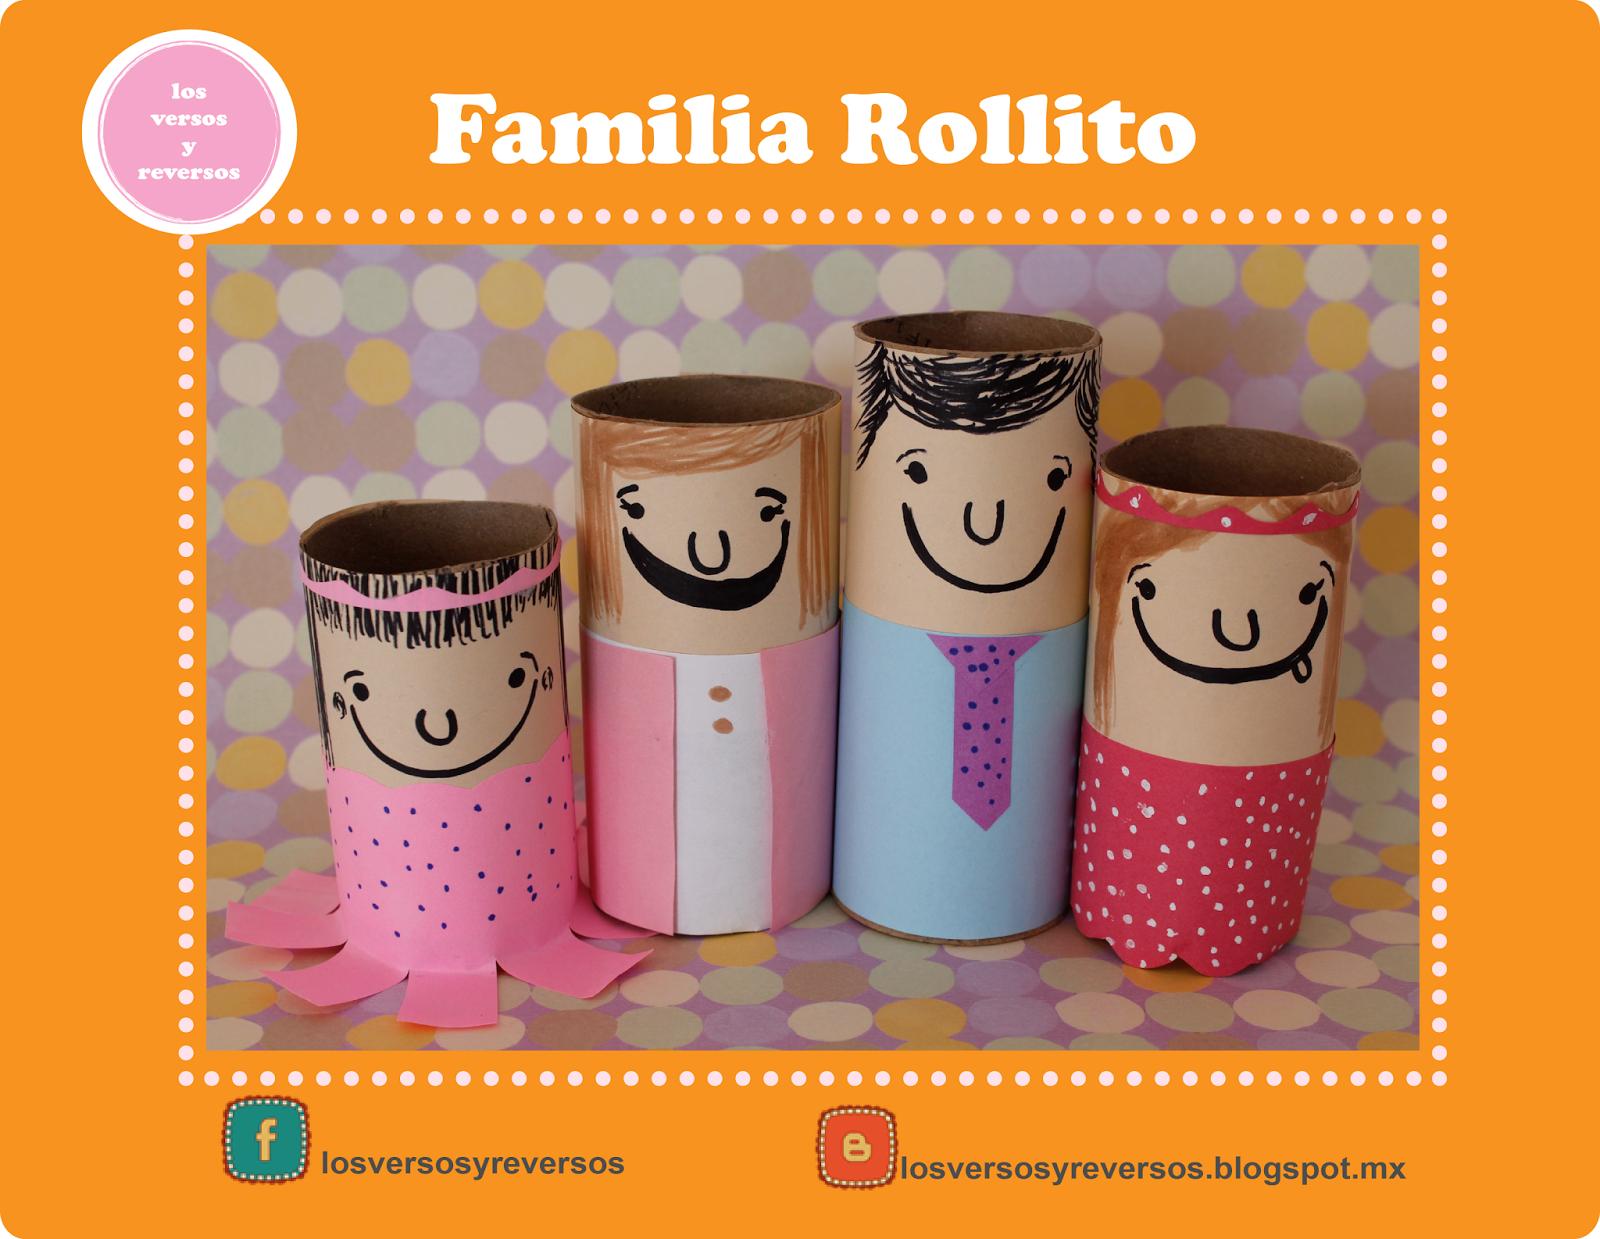 Familia rollito con tubos de carton